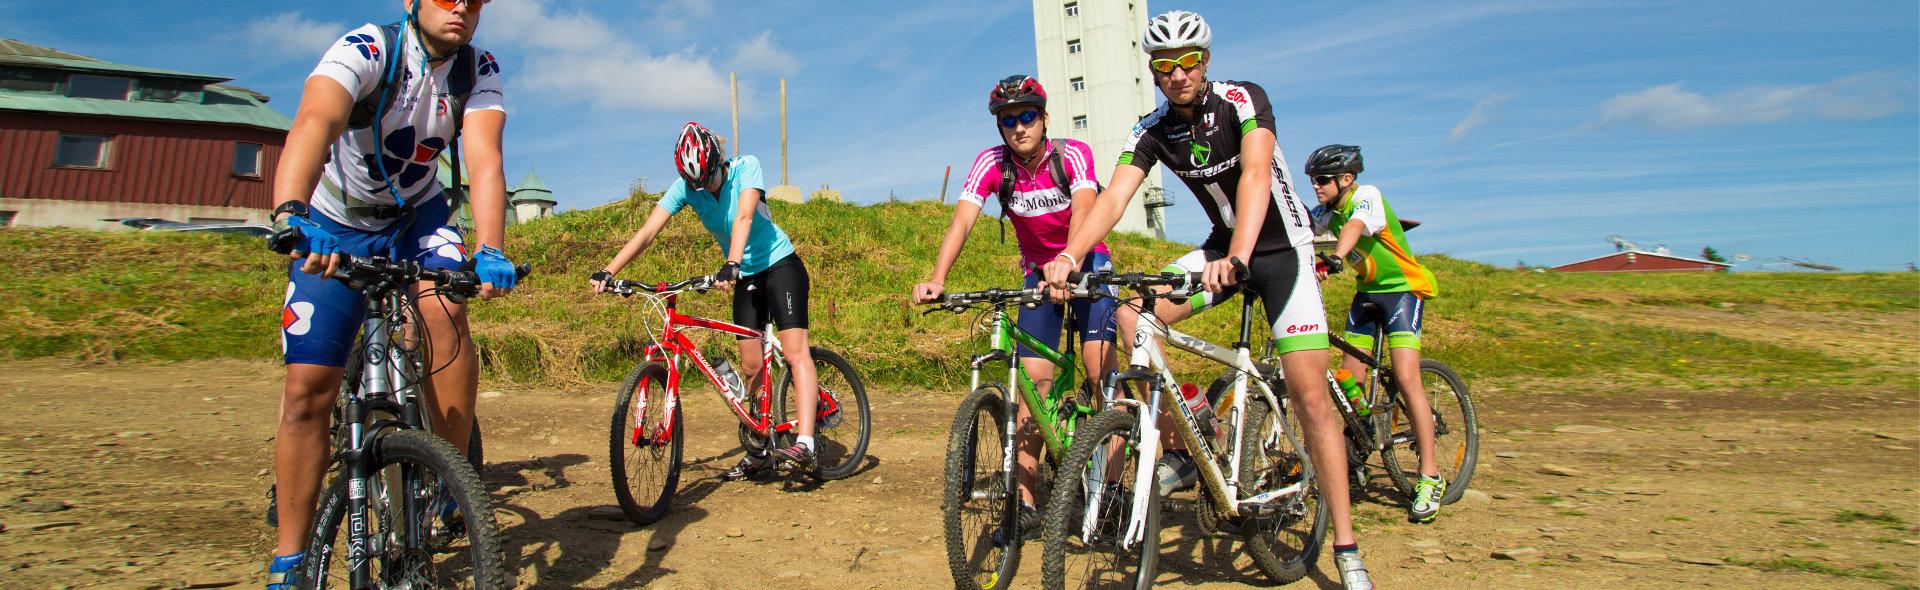 Klínovec Downhill Tracks